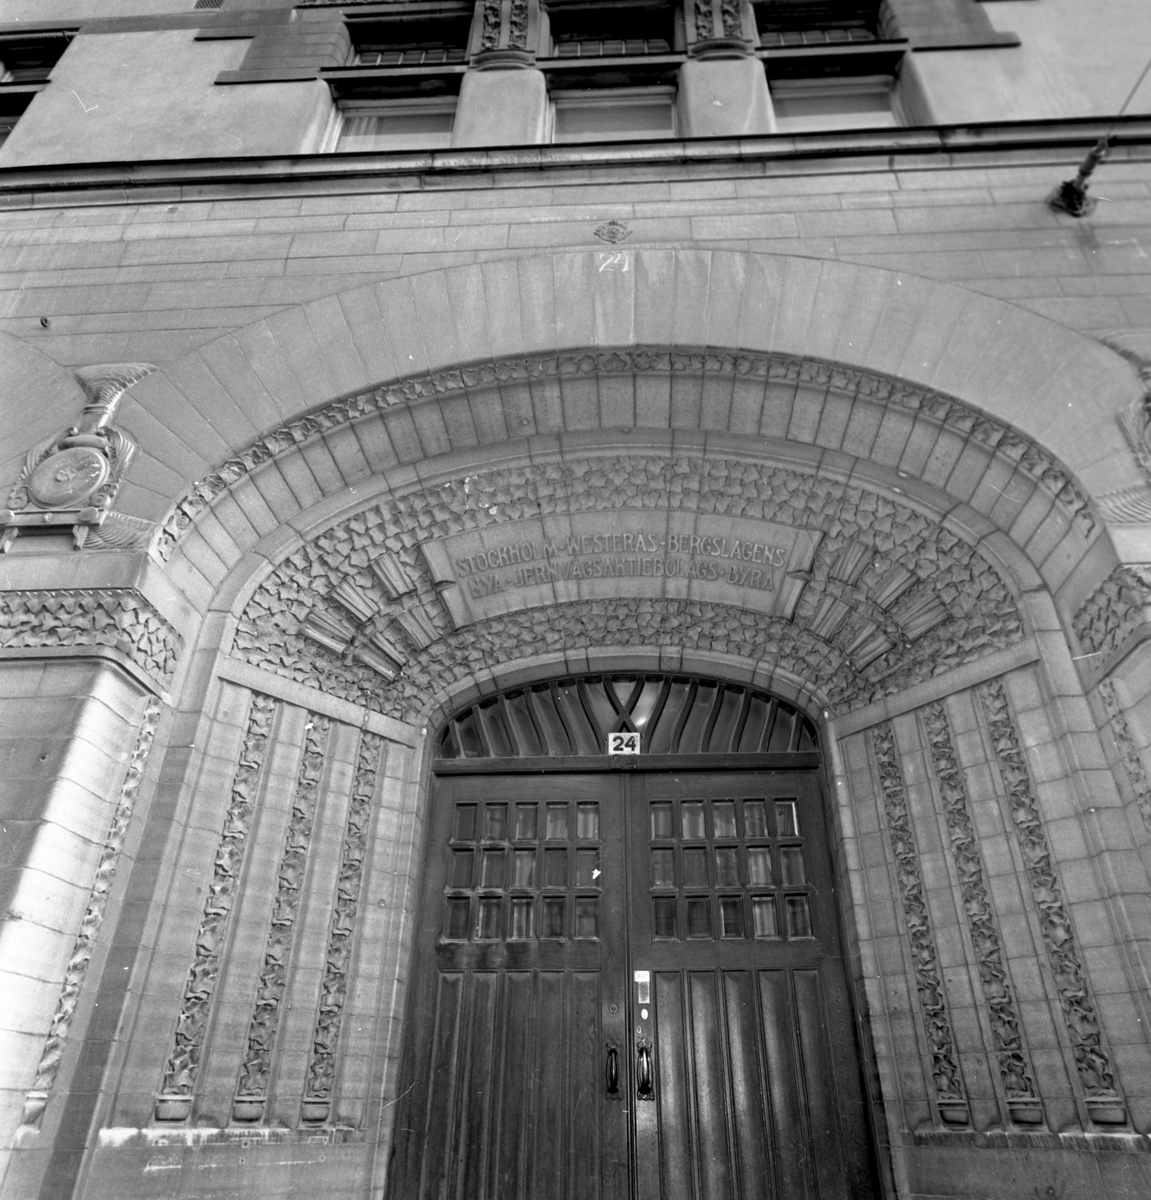 SWB-huset, entré. SWB-huset var en kontors- och bostadsbyggnad som tillhörde Stockholm–Västerås–Bergslagens Järnvägar och var beläget vid Vasagatan 24, Stockholm.